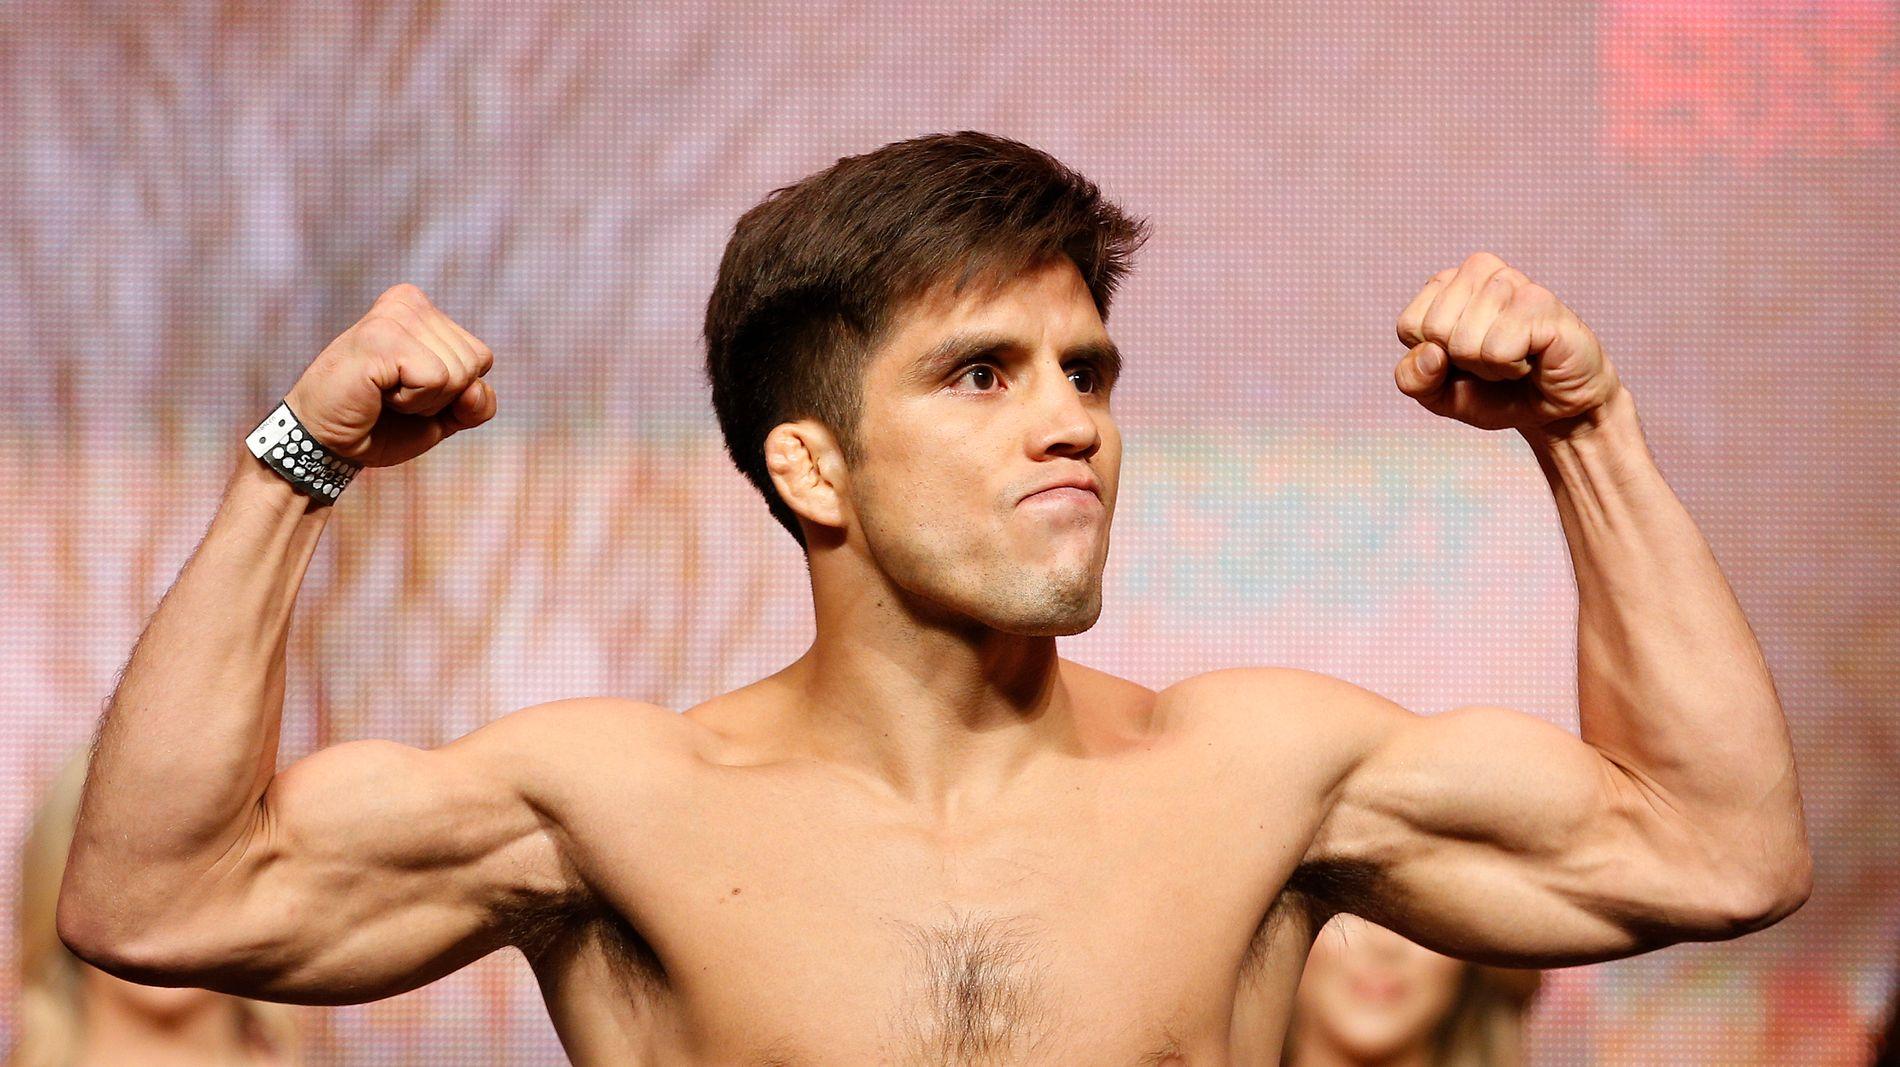 UTEN TAP: Henry Cejudo viser muskler før sin klart tøffeste kamp i MMA-buret.